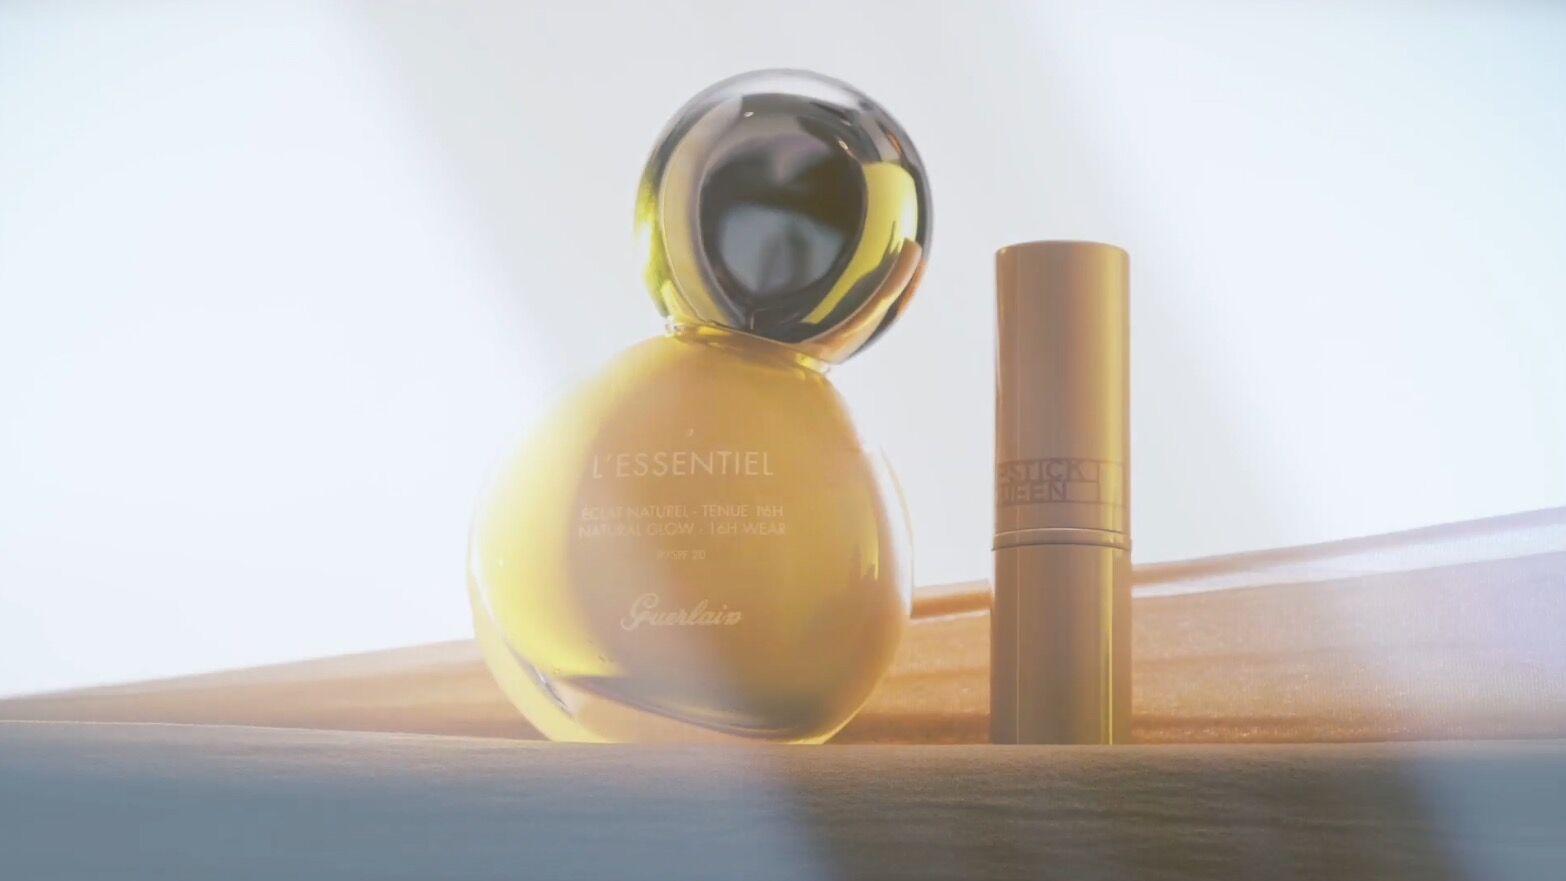 À Lipstick Gagner Et Guerlain Rouge Jeu Lèvres De Fond Queen ConcoursTentez Teint Le wP8X0knO